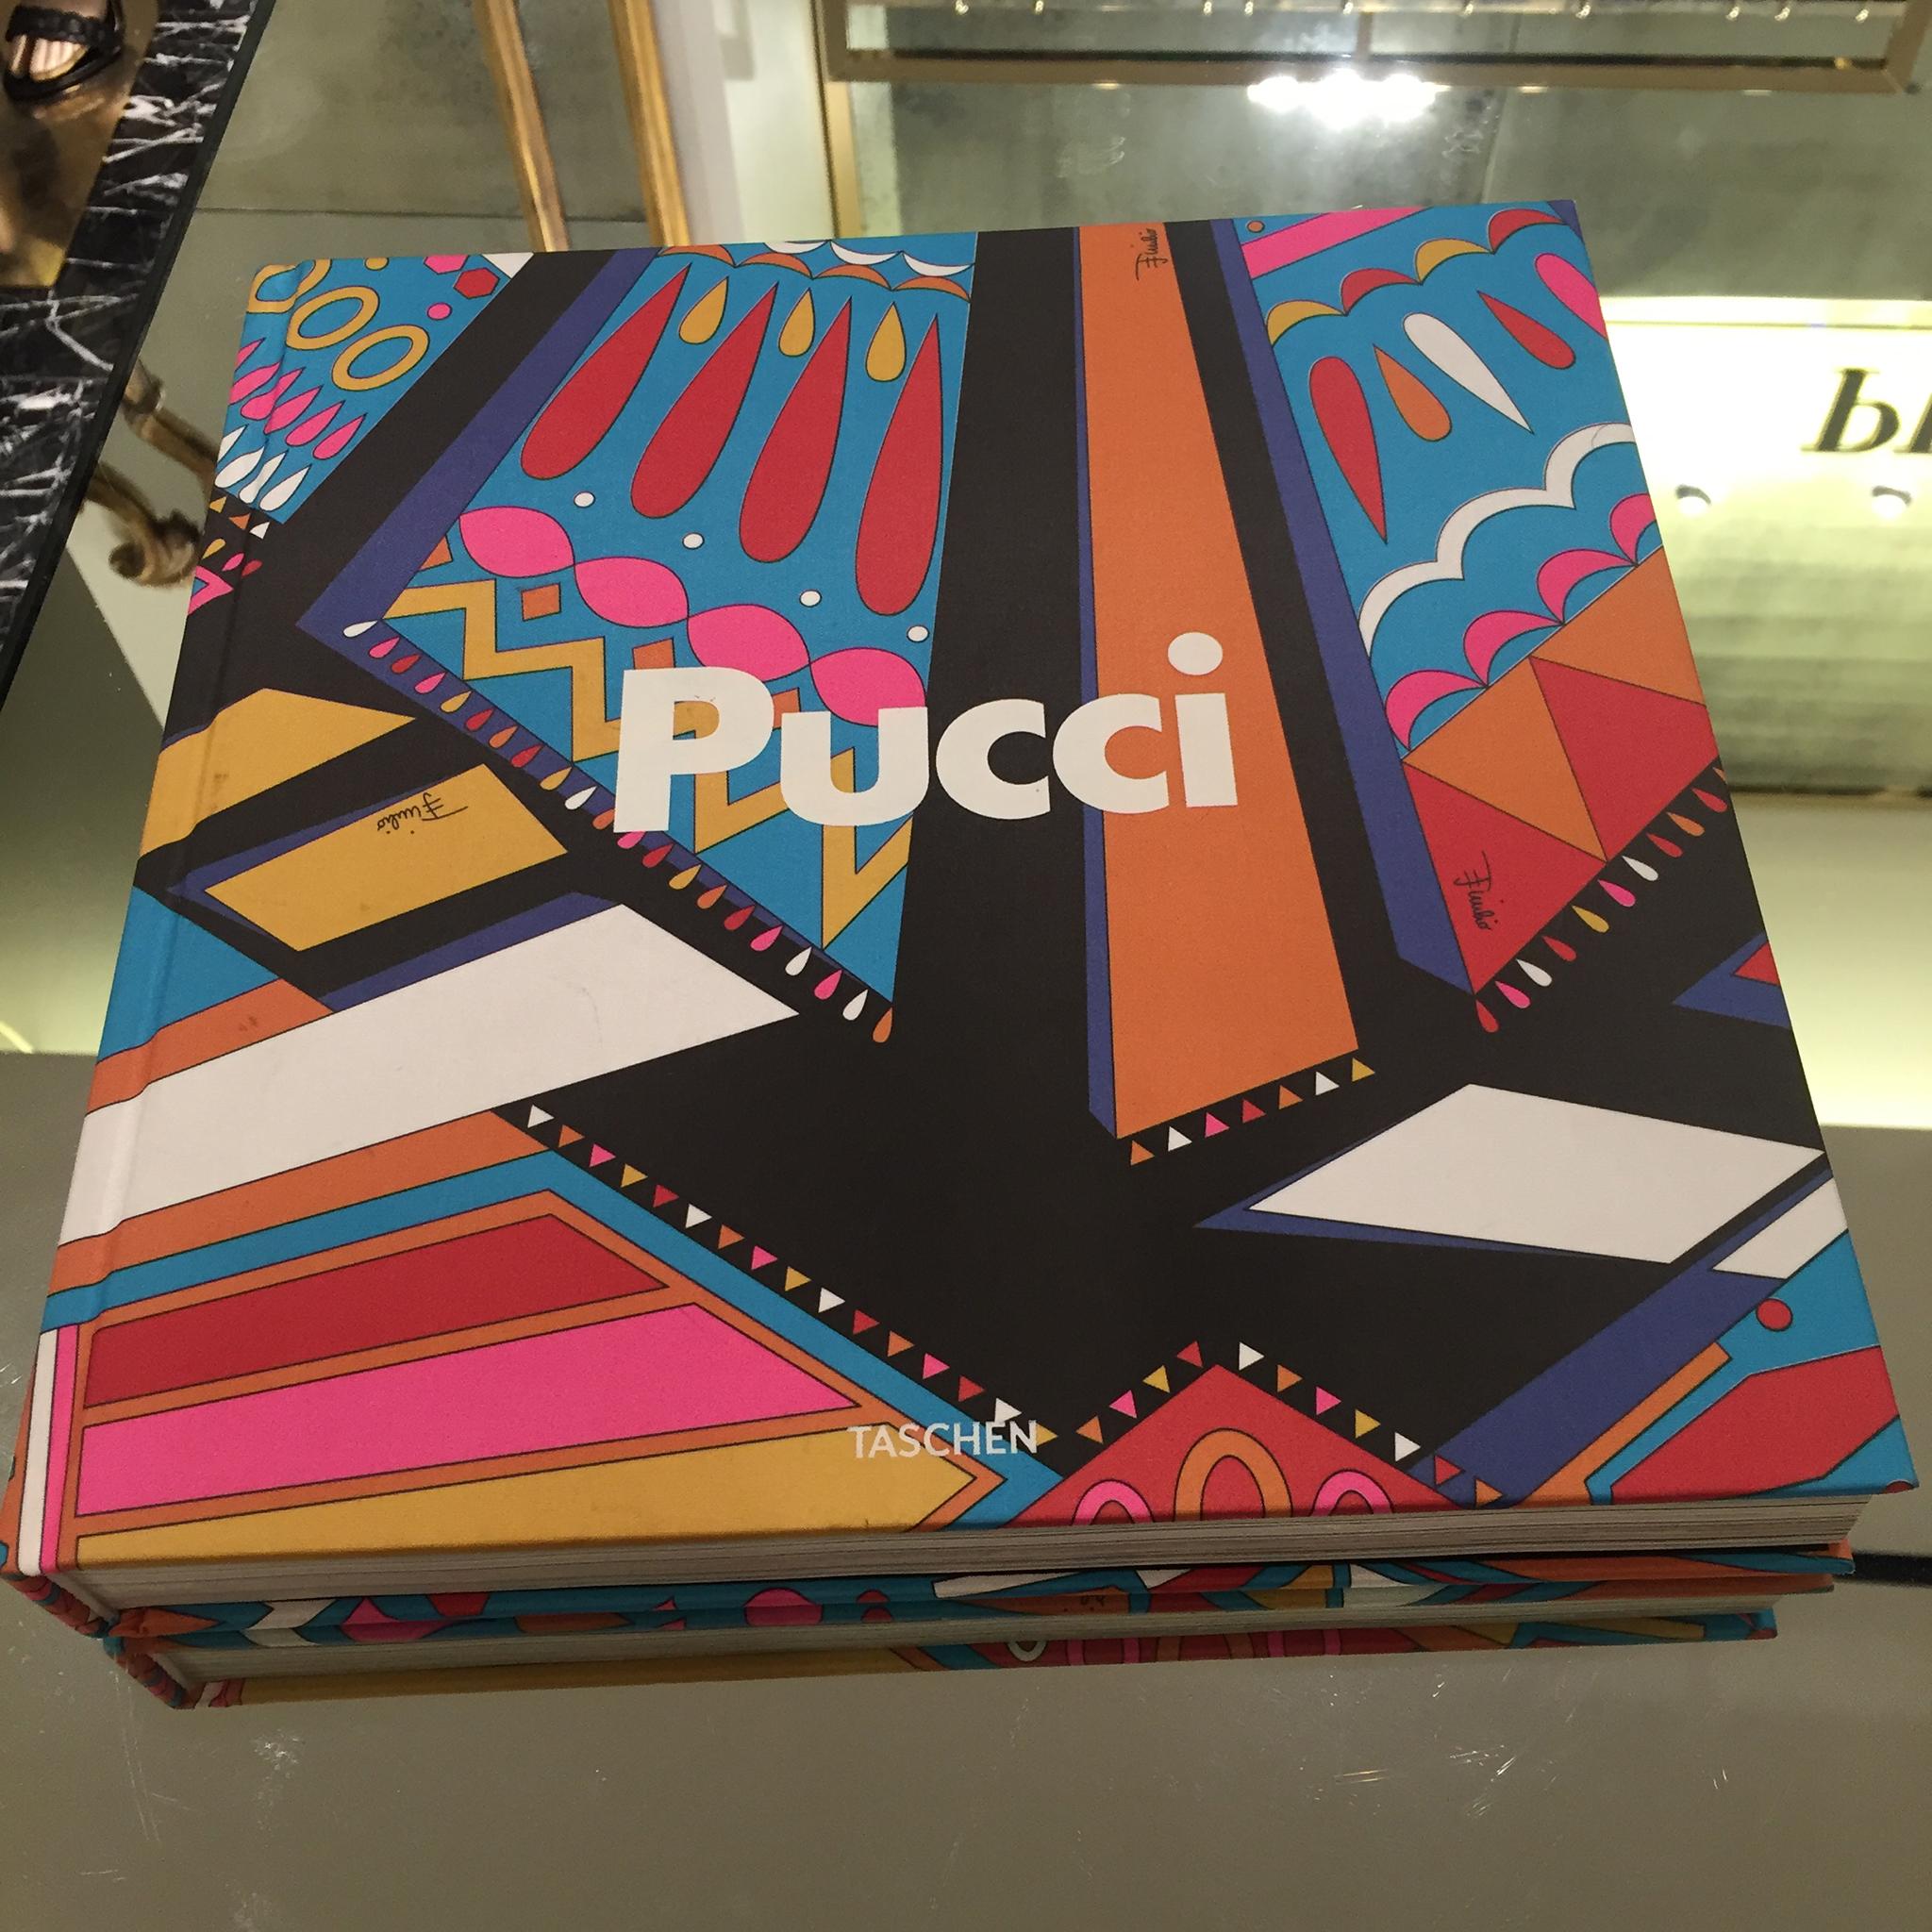 Emilio-Pucci-Saks-5th-Ave-04